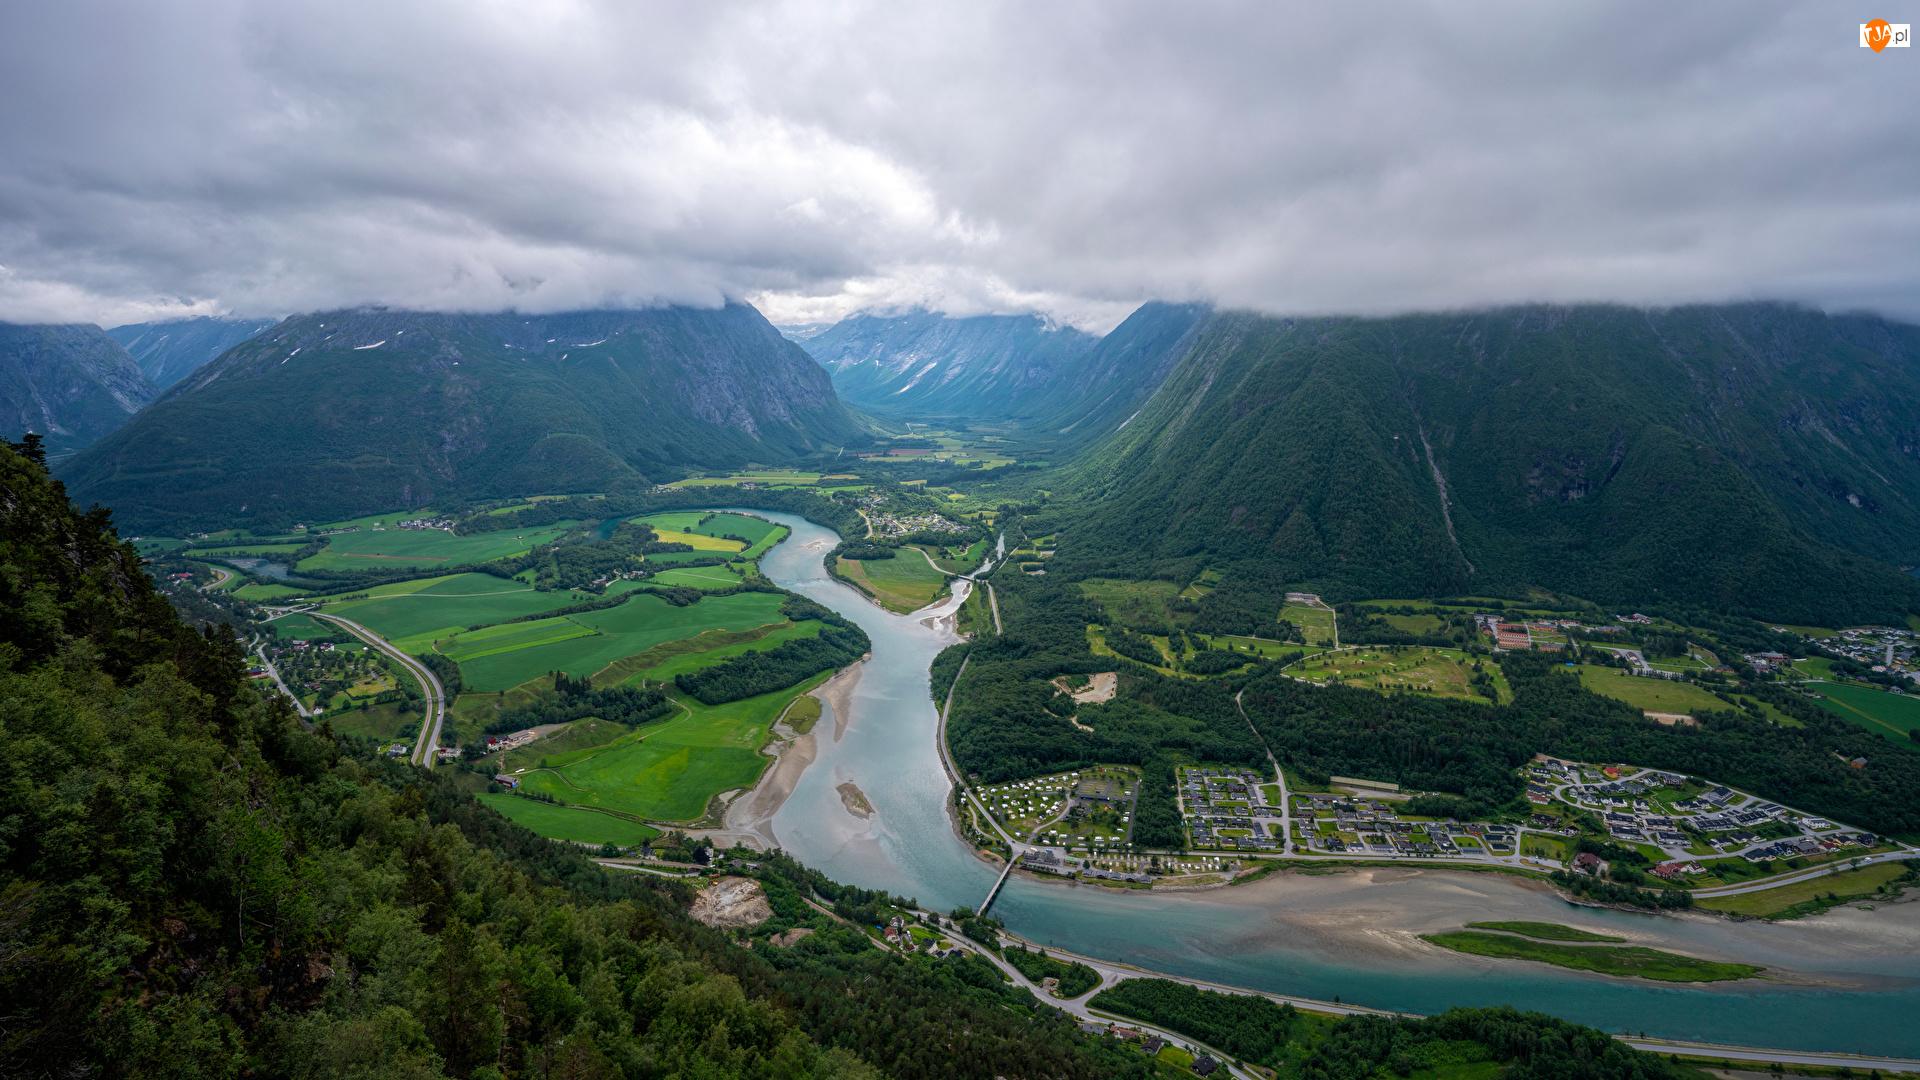 Drzewa, Region Oppland, Lasy, Drogi, Chmury, Dolina Romsdalen, Góry Romsdalsalpane, Norwegia, Rzeka Rauma